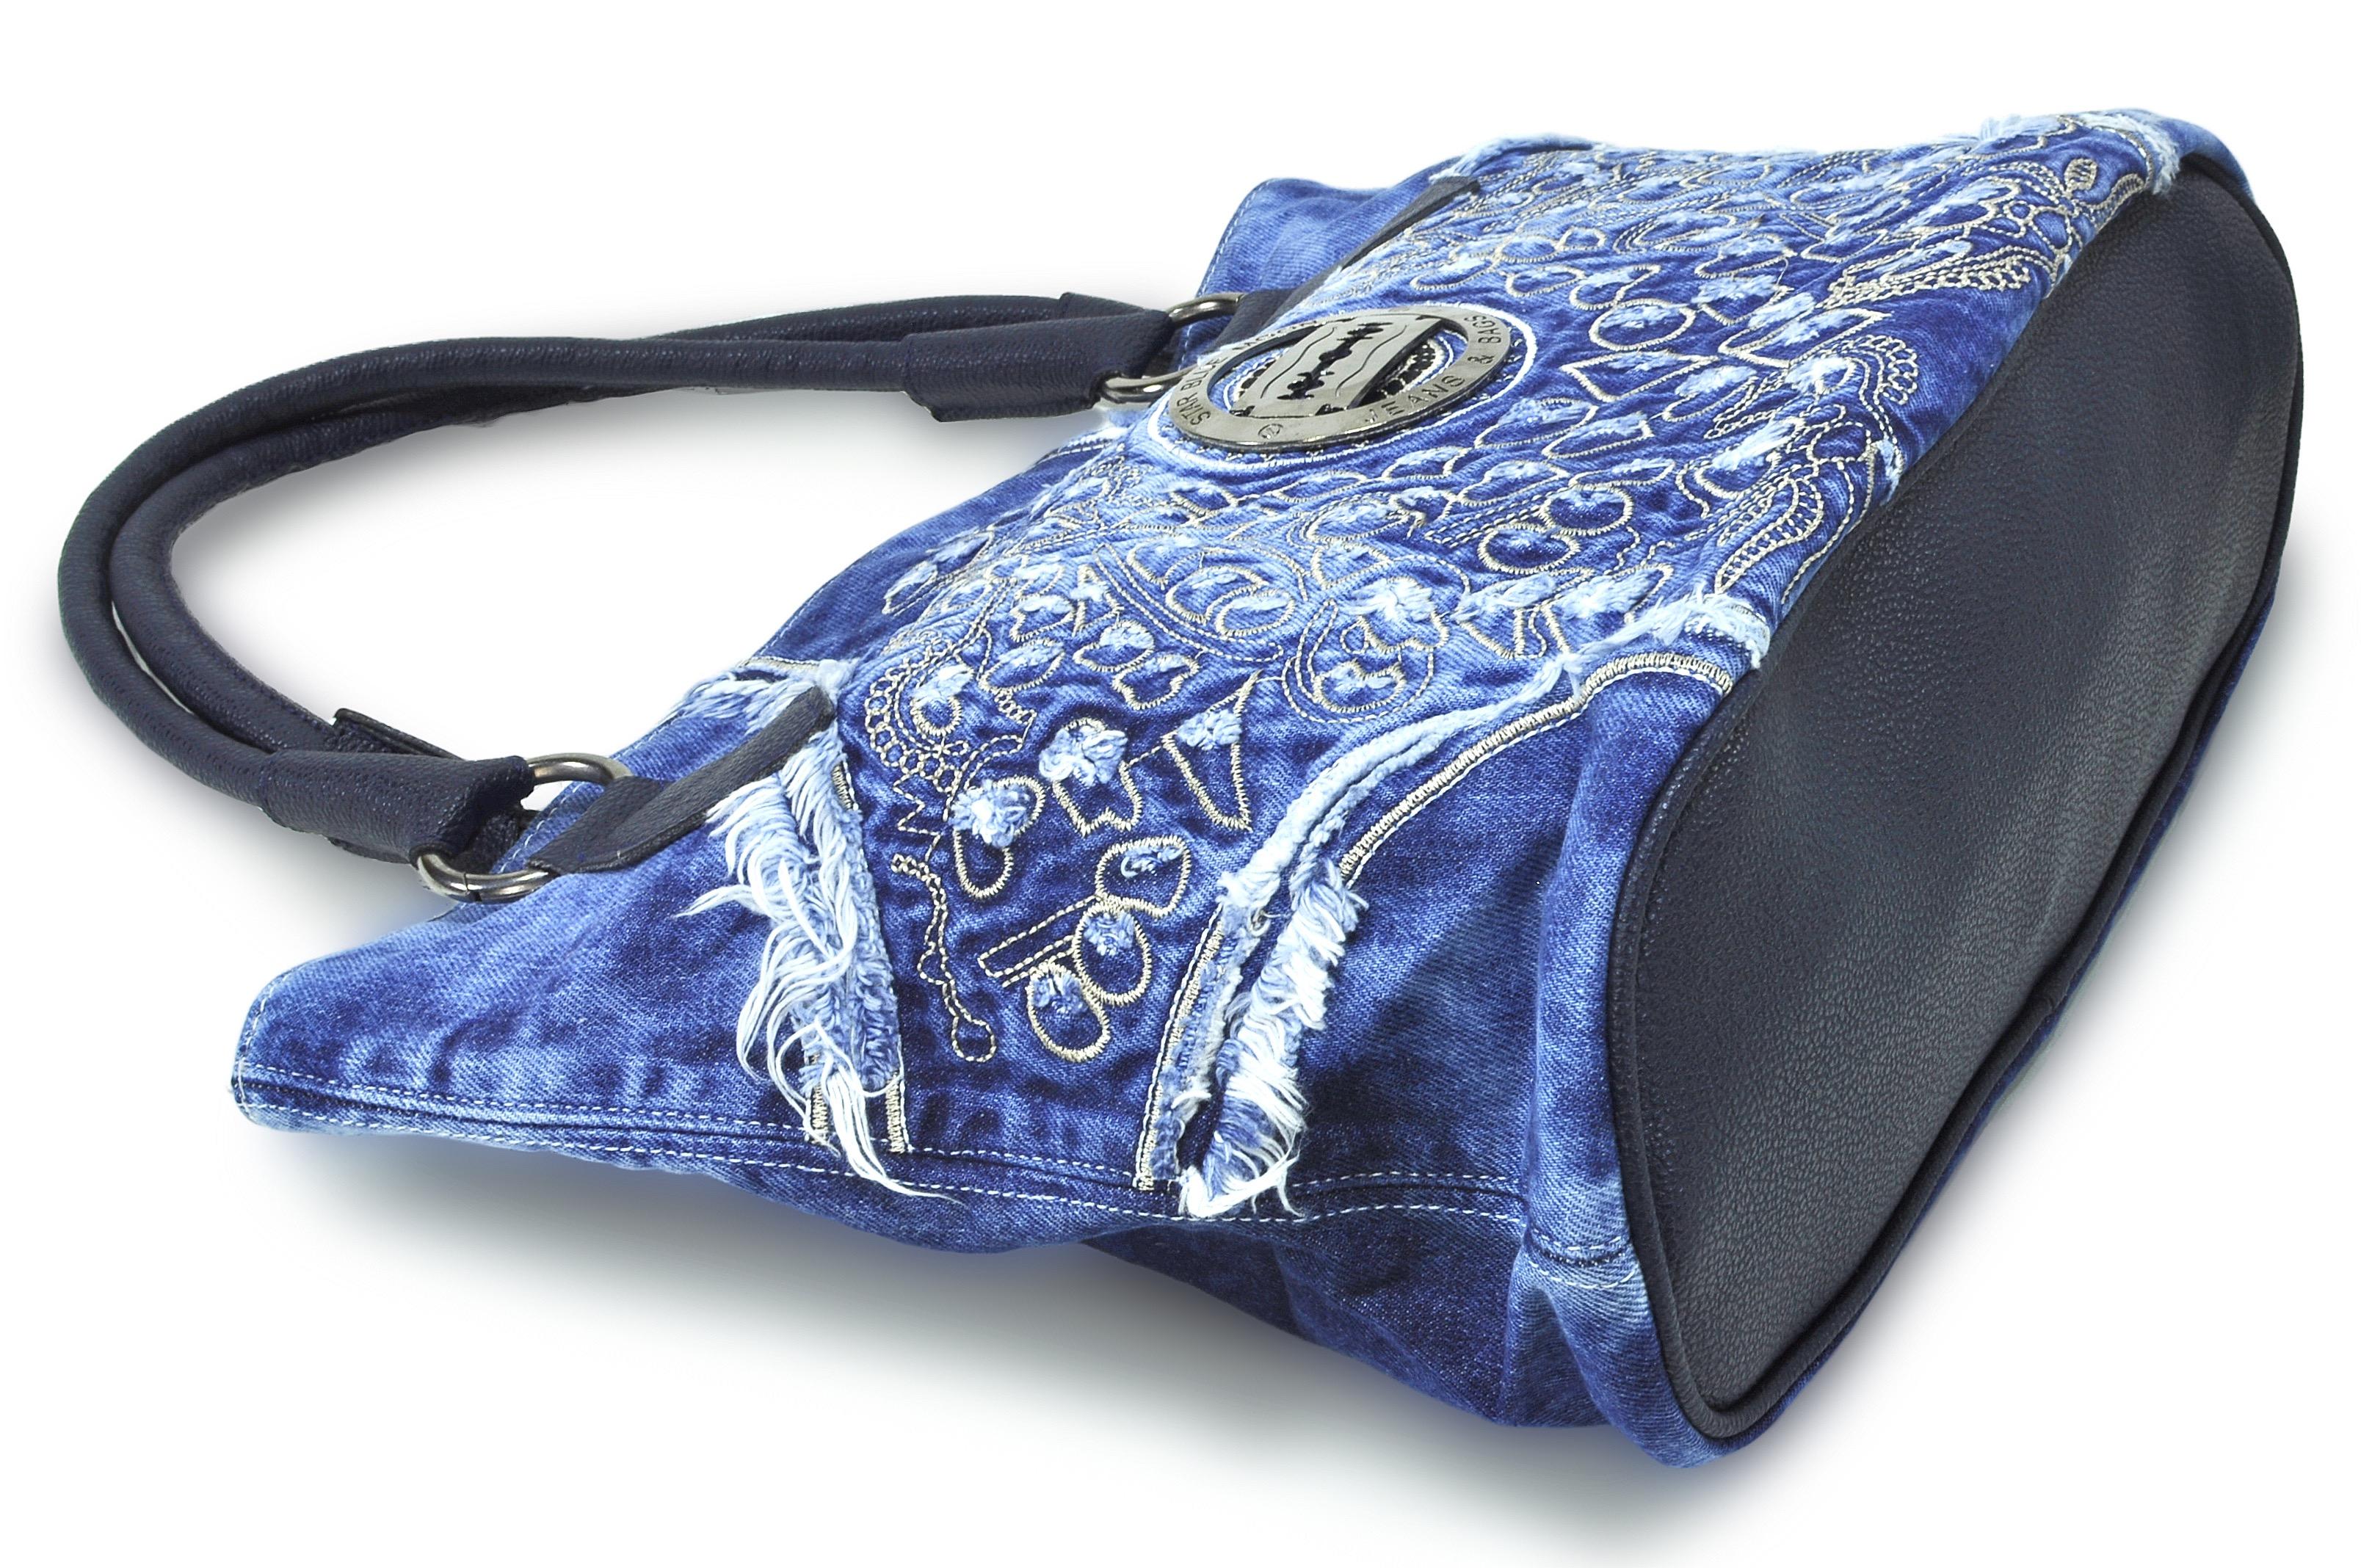 Luxusní riflová kabelka MUENTES 5bc06841a73